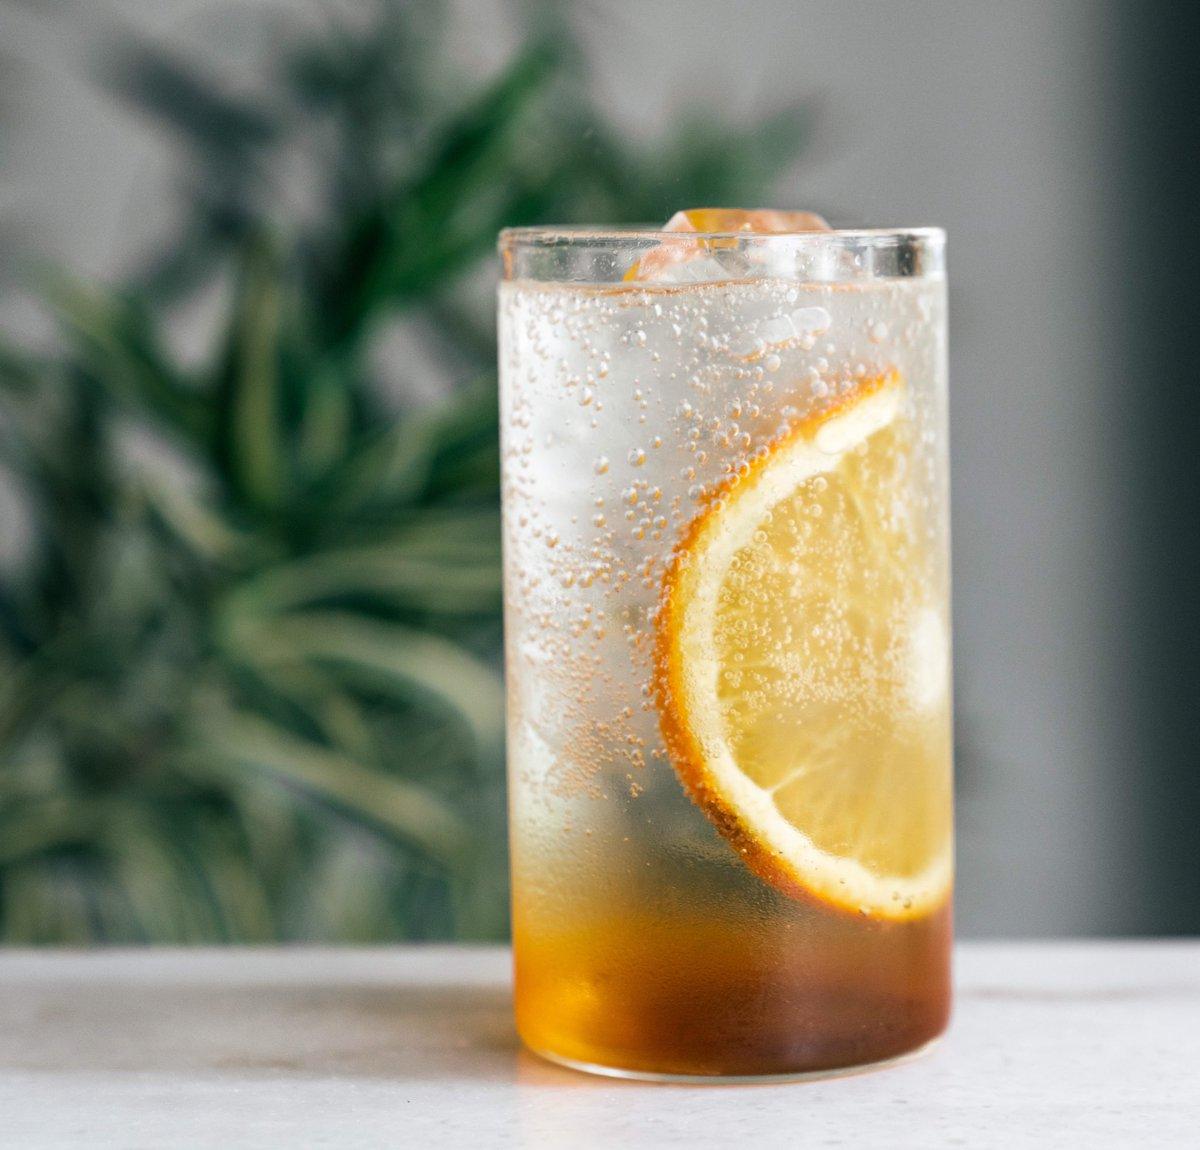 J_O CAFEの新ドリンク、ほうじ茶SPARKLINGをシースルーで見るとこんな感じです。(実際のオレンジはくし切りです)爽やかながらも、ほうじ茶の香りをしっかり感じられるドリンクとなっておりますので、J_O CAFEに行かれた際は是非!ちなみに私は連続3杯はいけます笑#J_O_CAFE